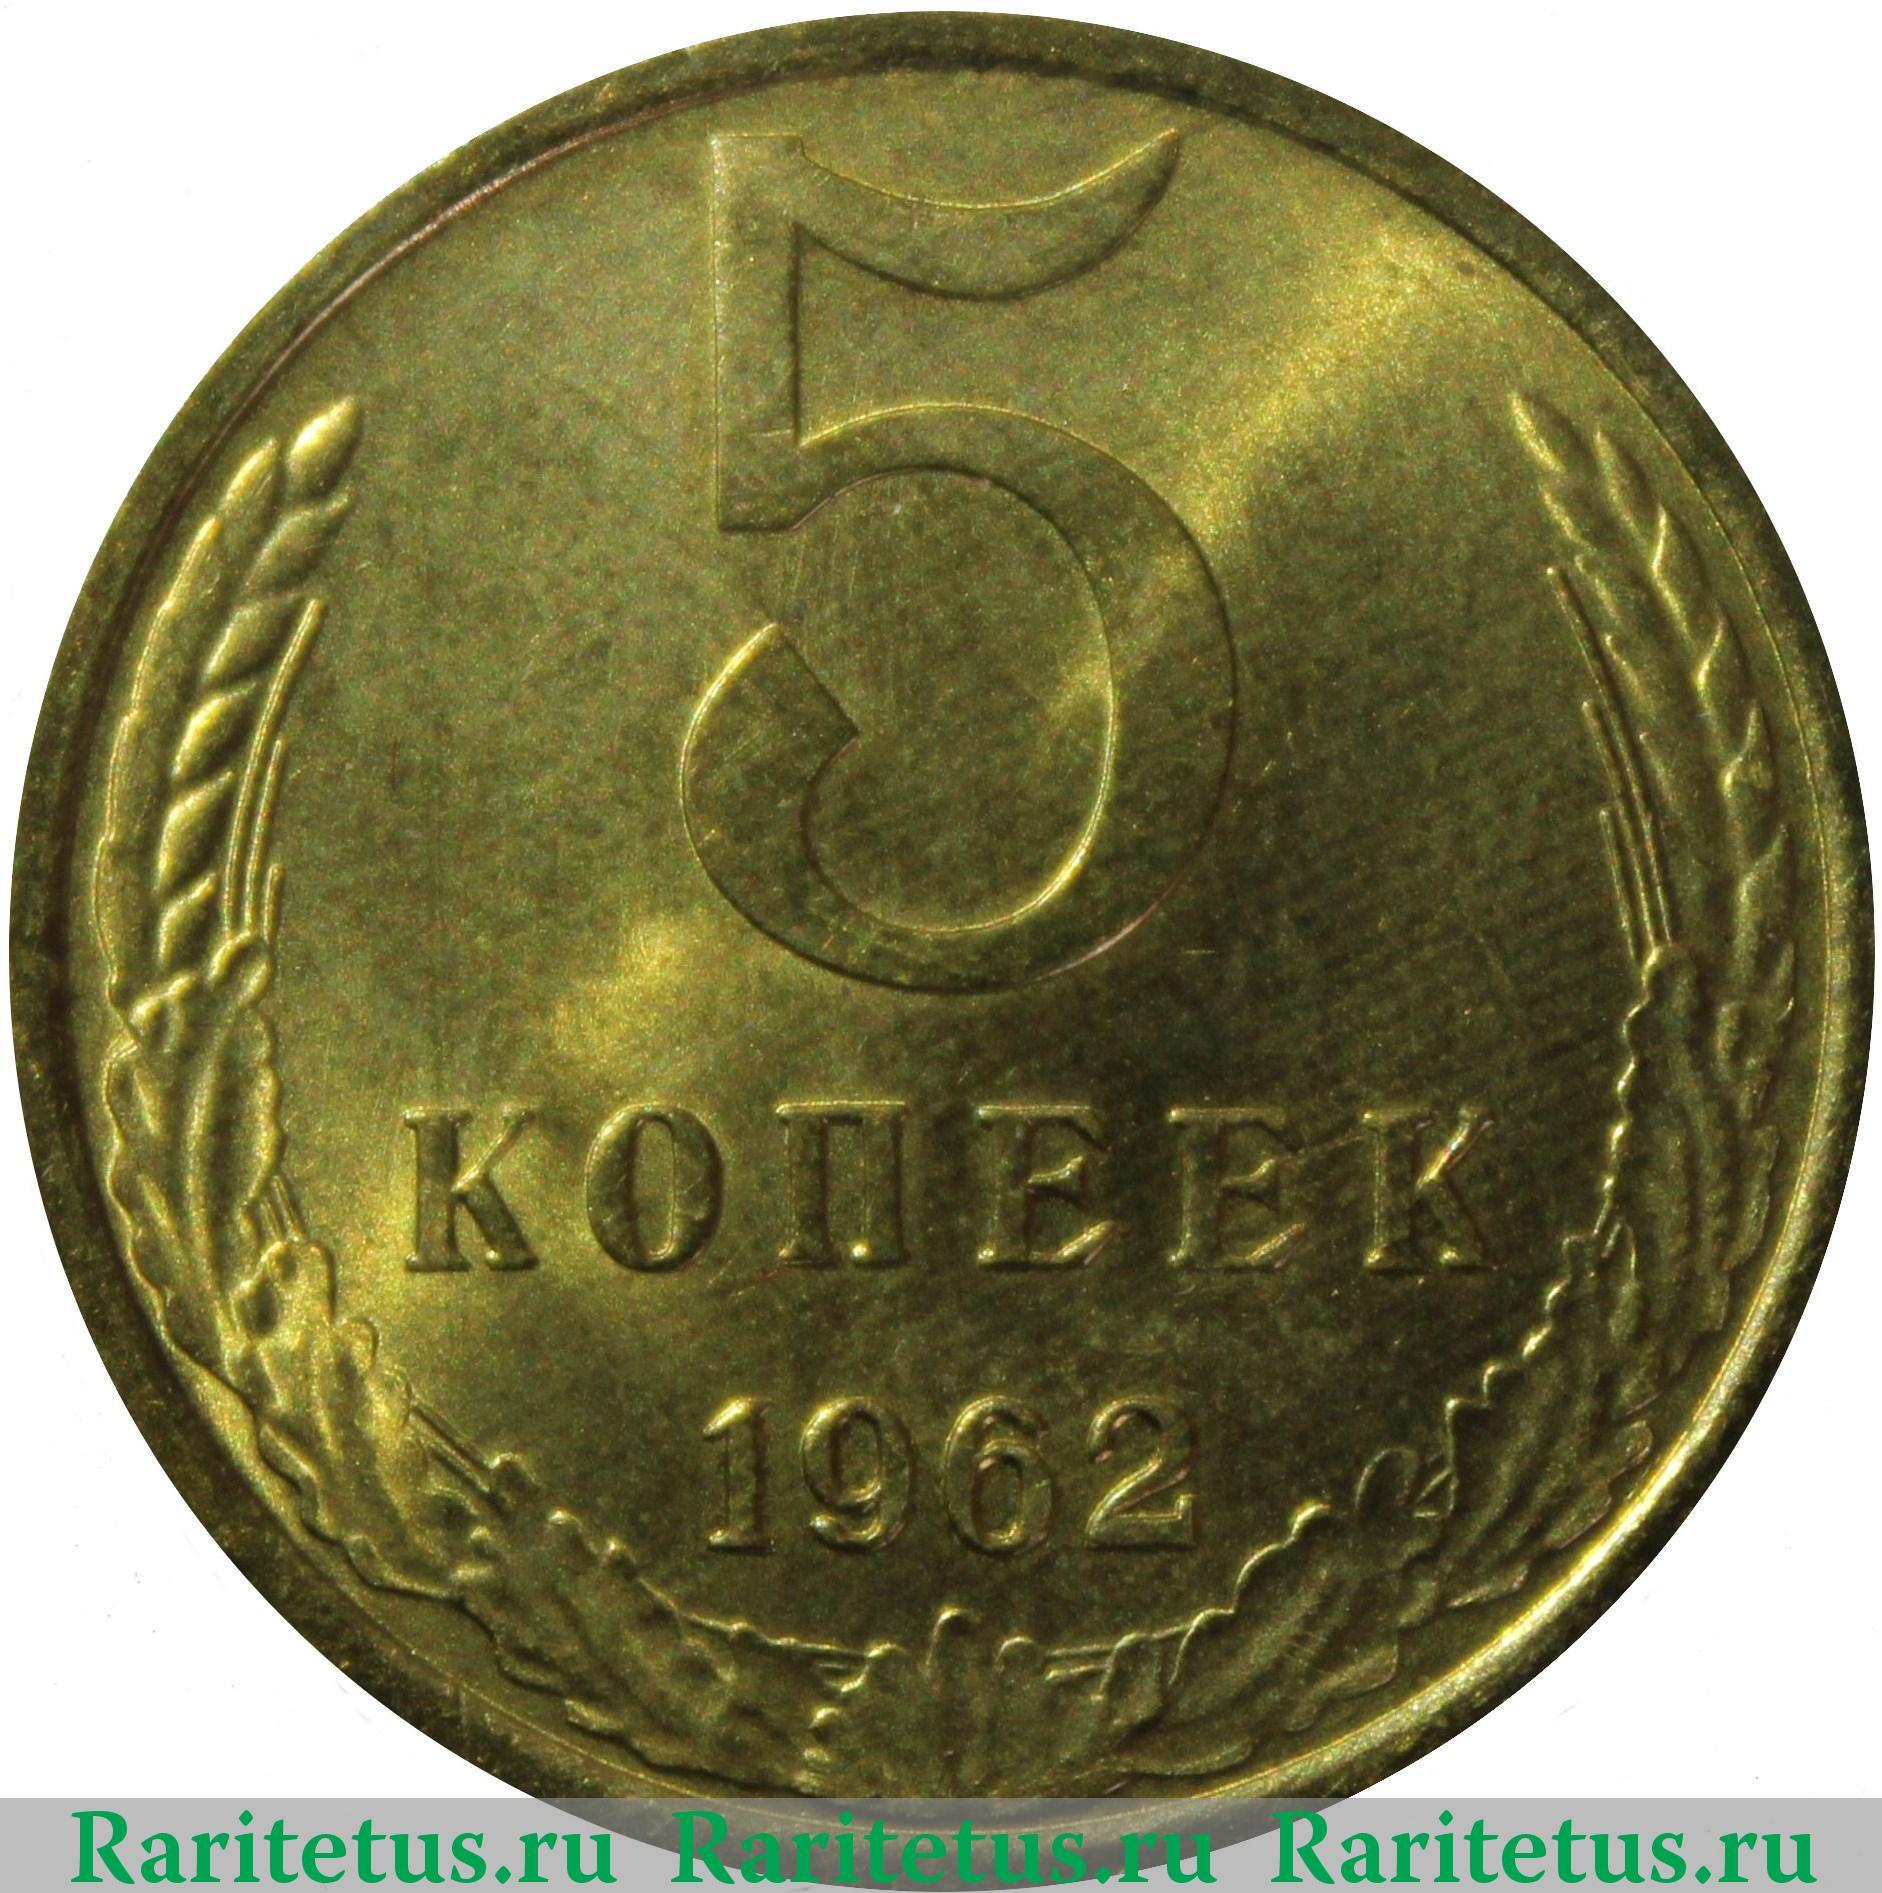 5 копеек 1962 стоимость монета 15 рублей николай 2 цена